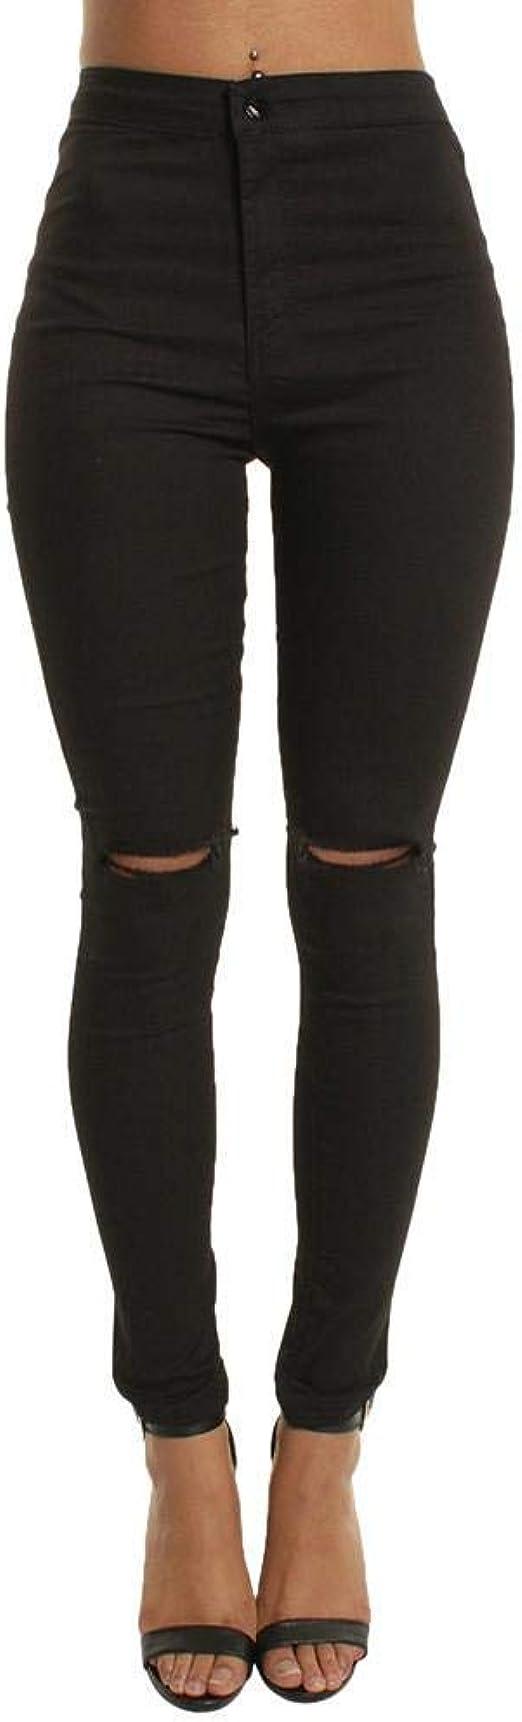 HX fashion 女性のスキニージーンズパンツエレガントパンツハイウエスト無地長さ破れたジーンズファッション穴スリムレギンス鉛筆スリムフィットズボンパンツ